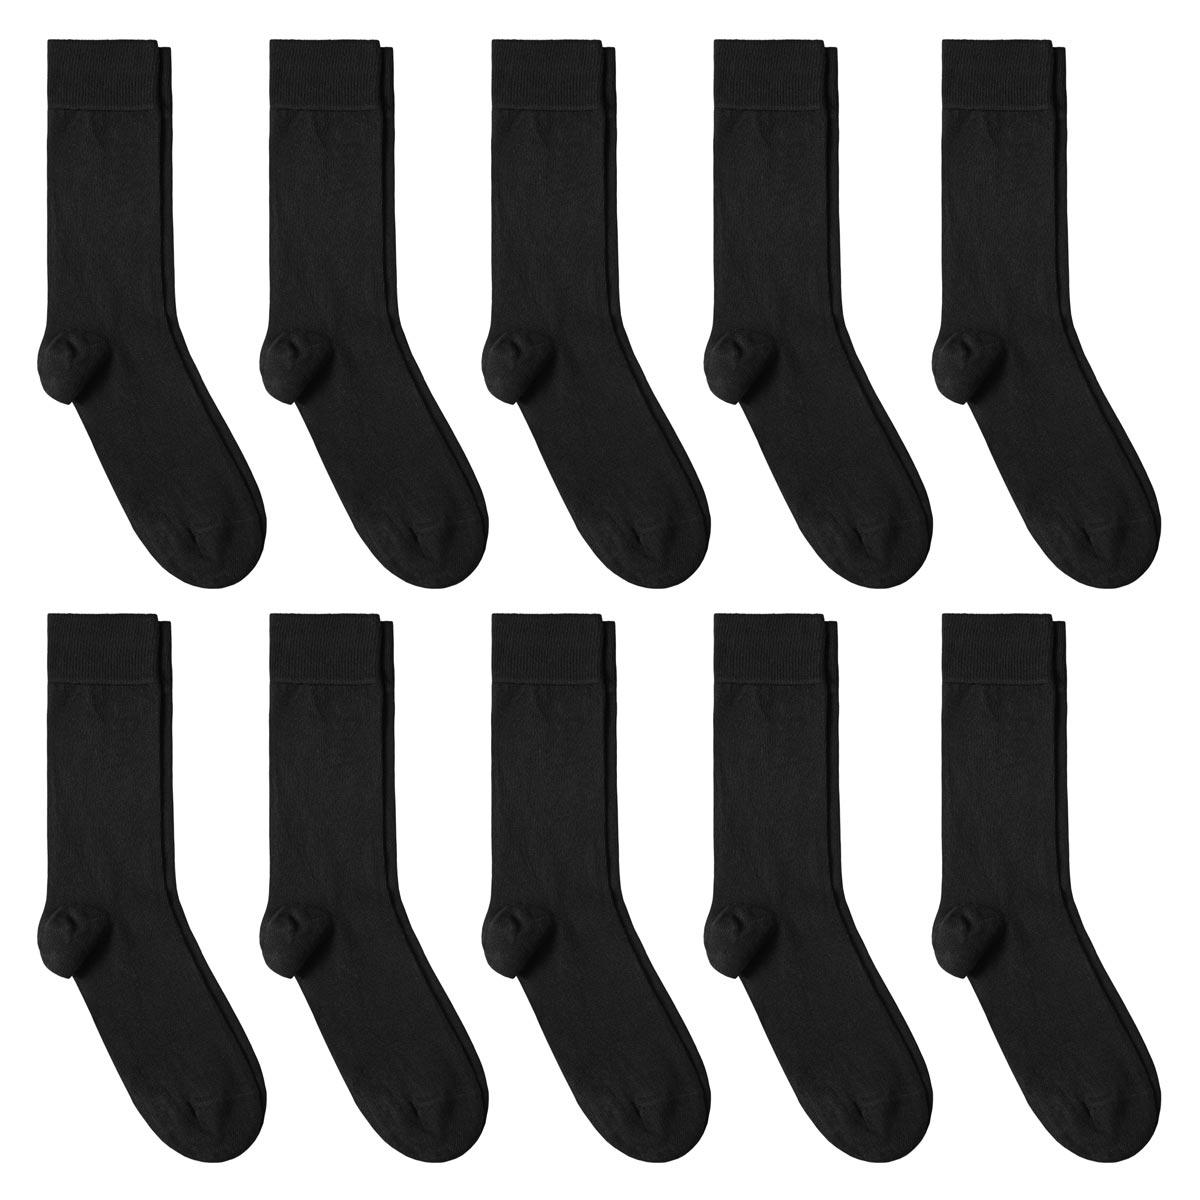 CH-00627_A12-1--_Lot-10-paires-de-chaussettes-homme-noires-unies